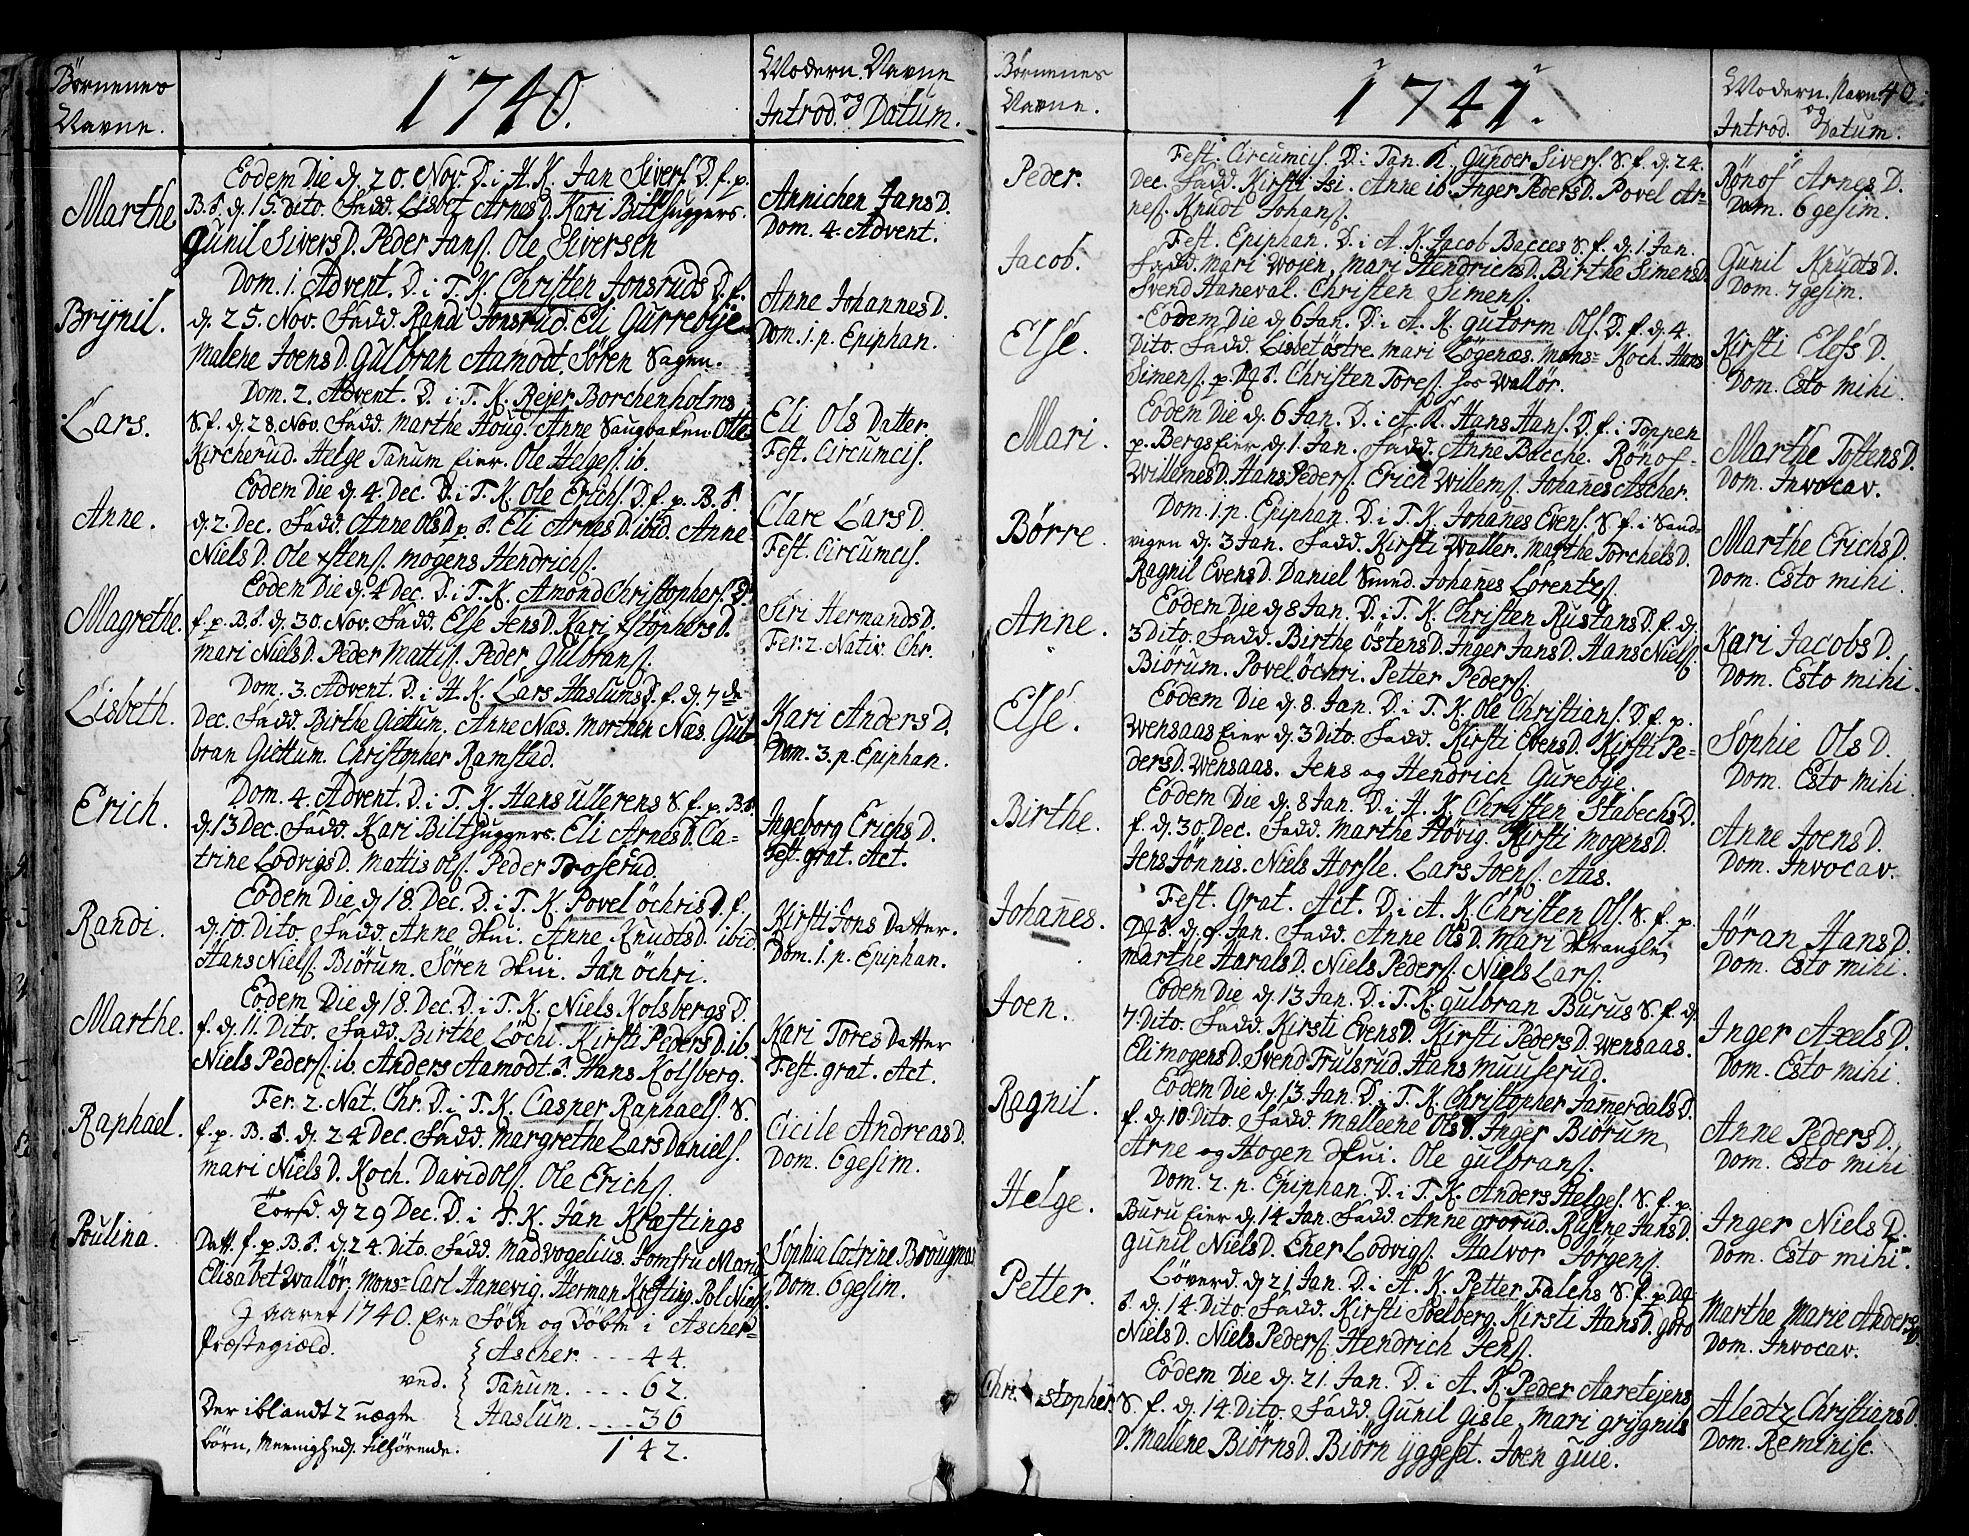 SAO, Asker prestekontor Kirkebøker, F/Fa/L0002: Ministerialbok nr. I 2, 1733-1766, s. 40